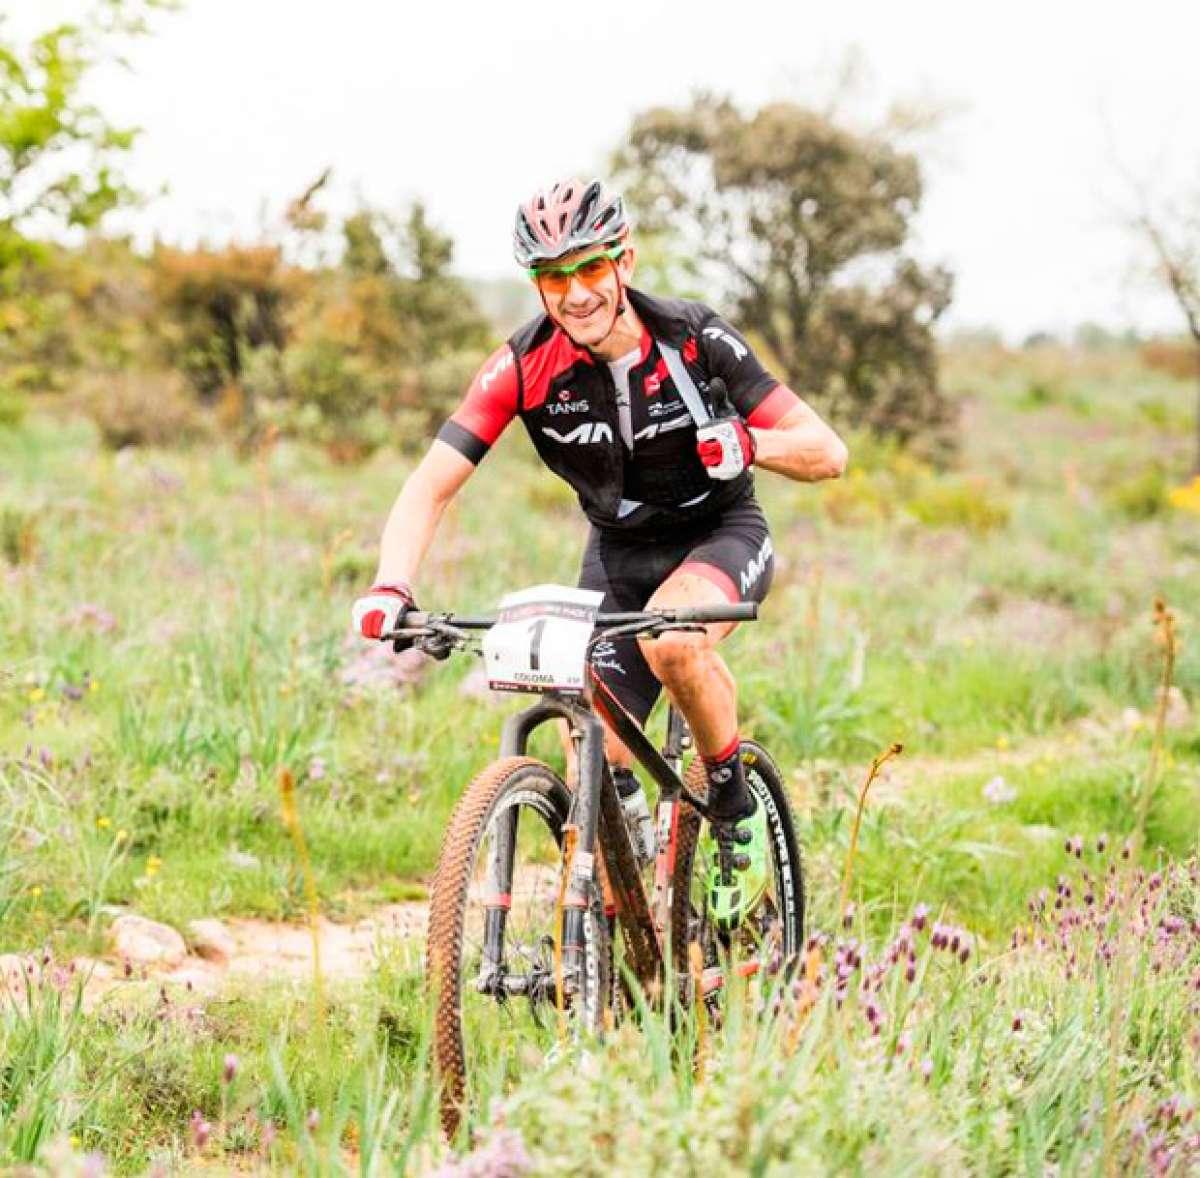 Resumen completo de La Rioja Bike Race 2016